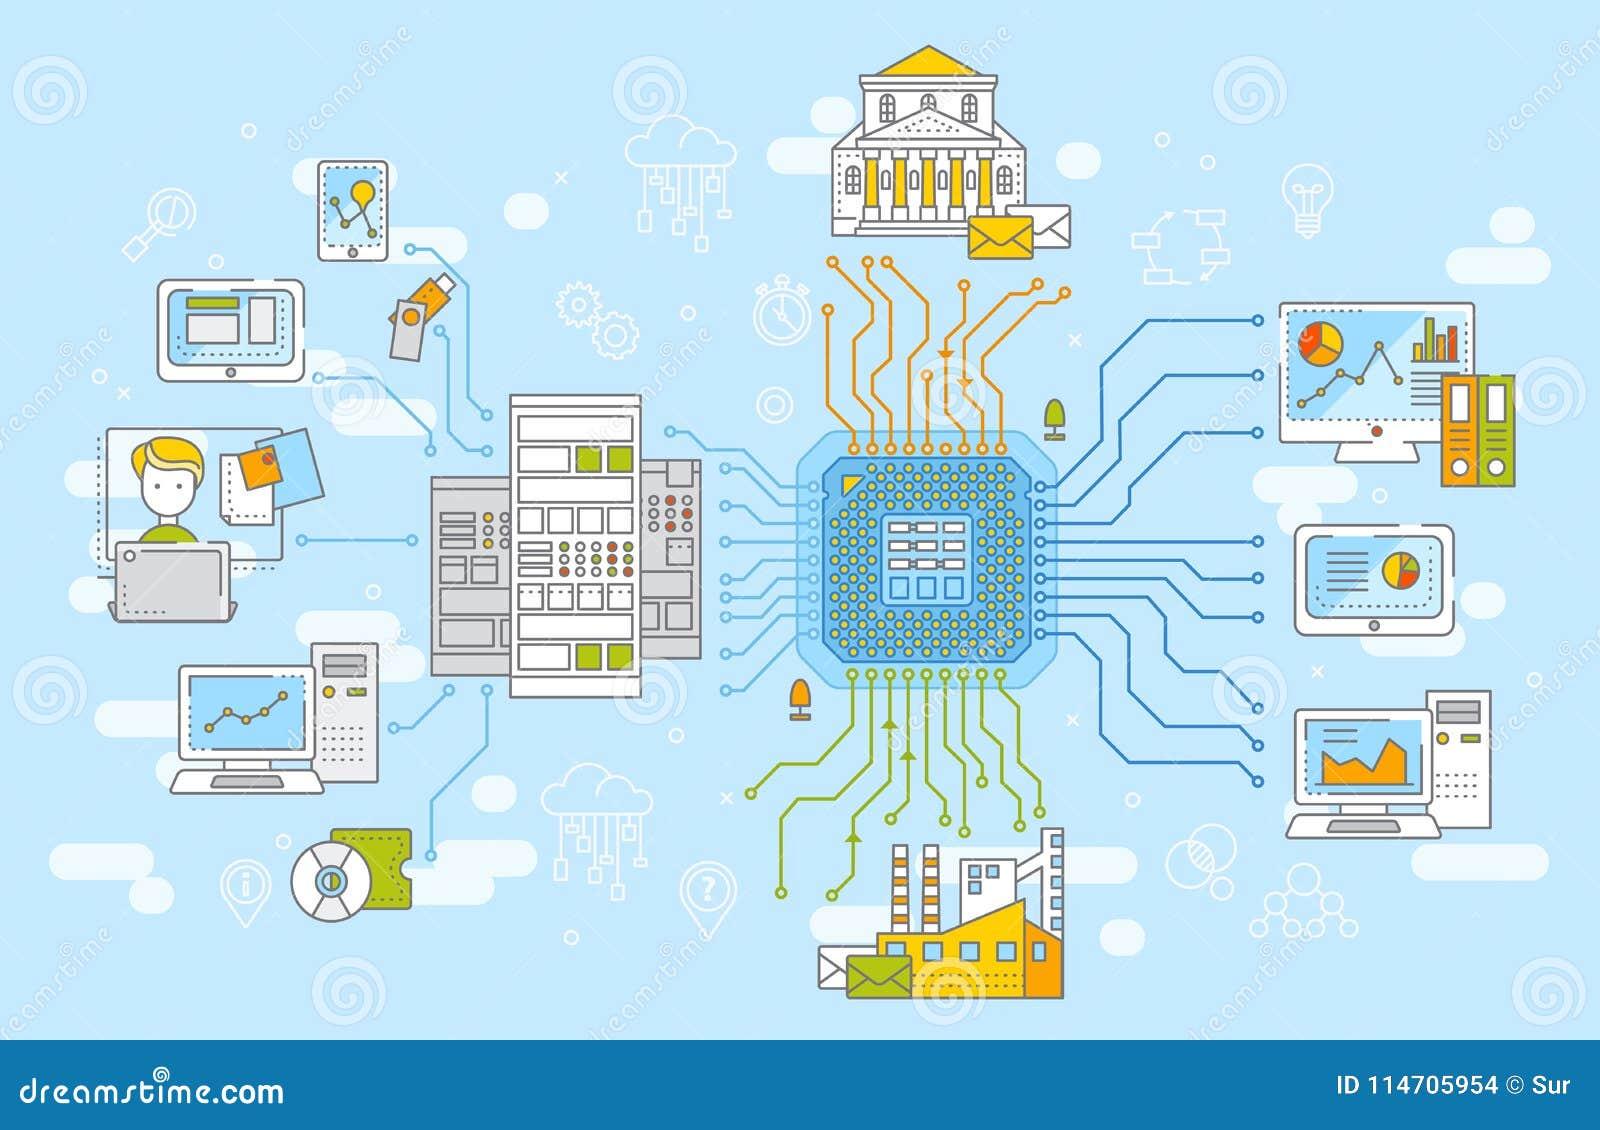 Grote het concepten vectorillustratie van het informatienetbeheer Inzameling van informatie, gegevensopslag en analysys